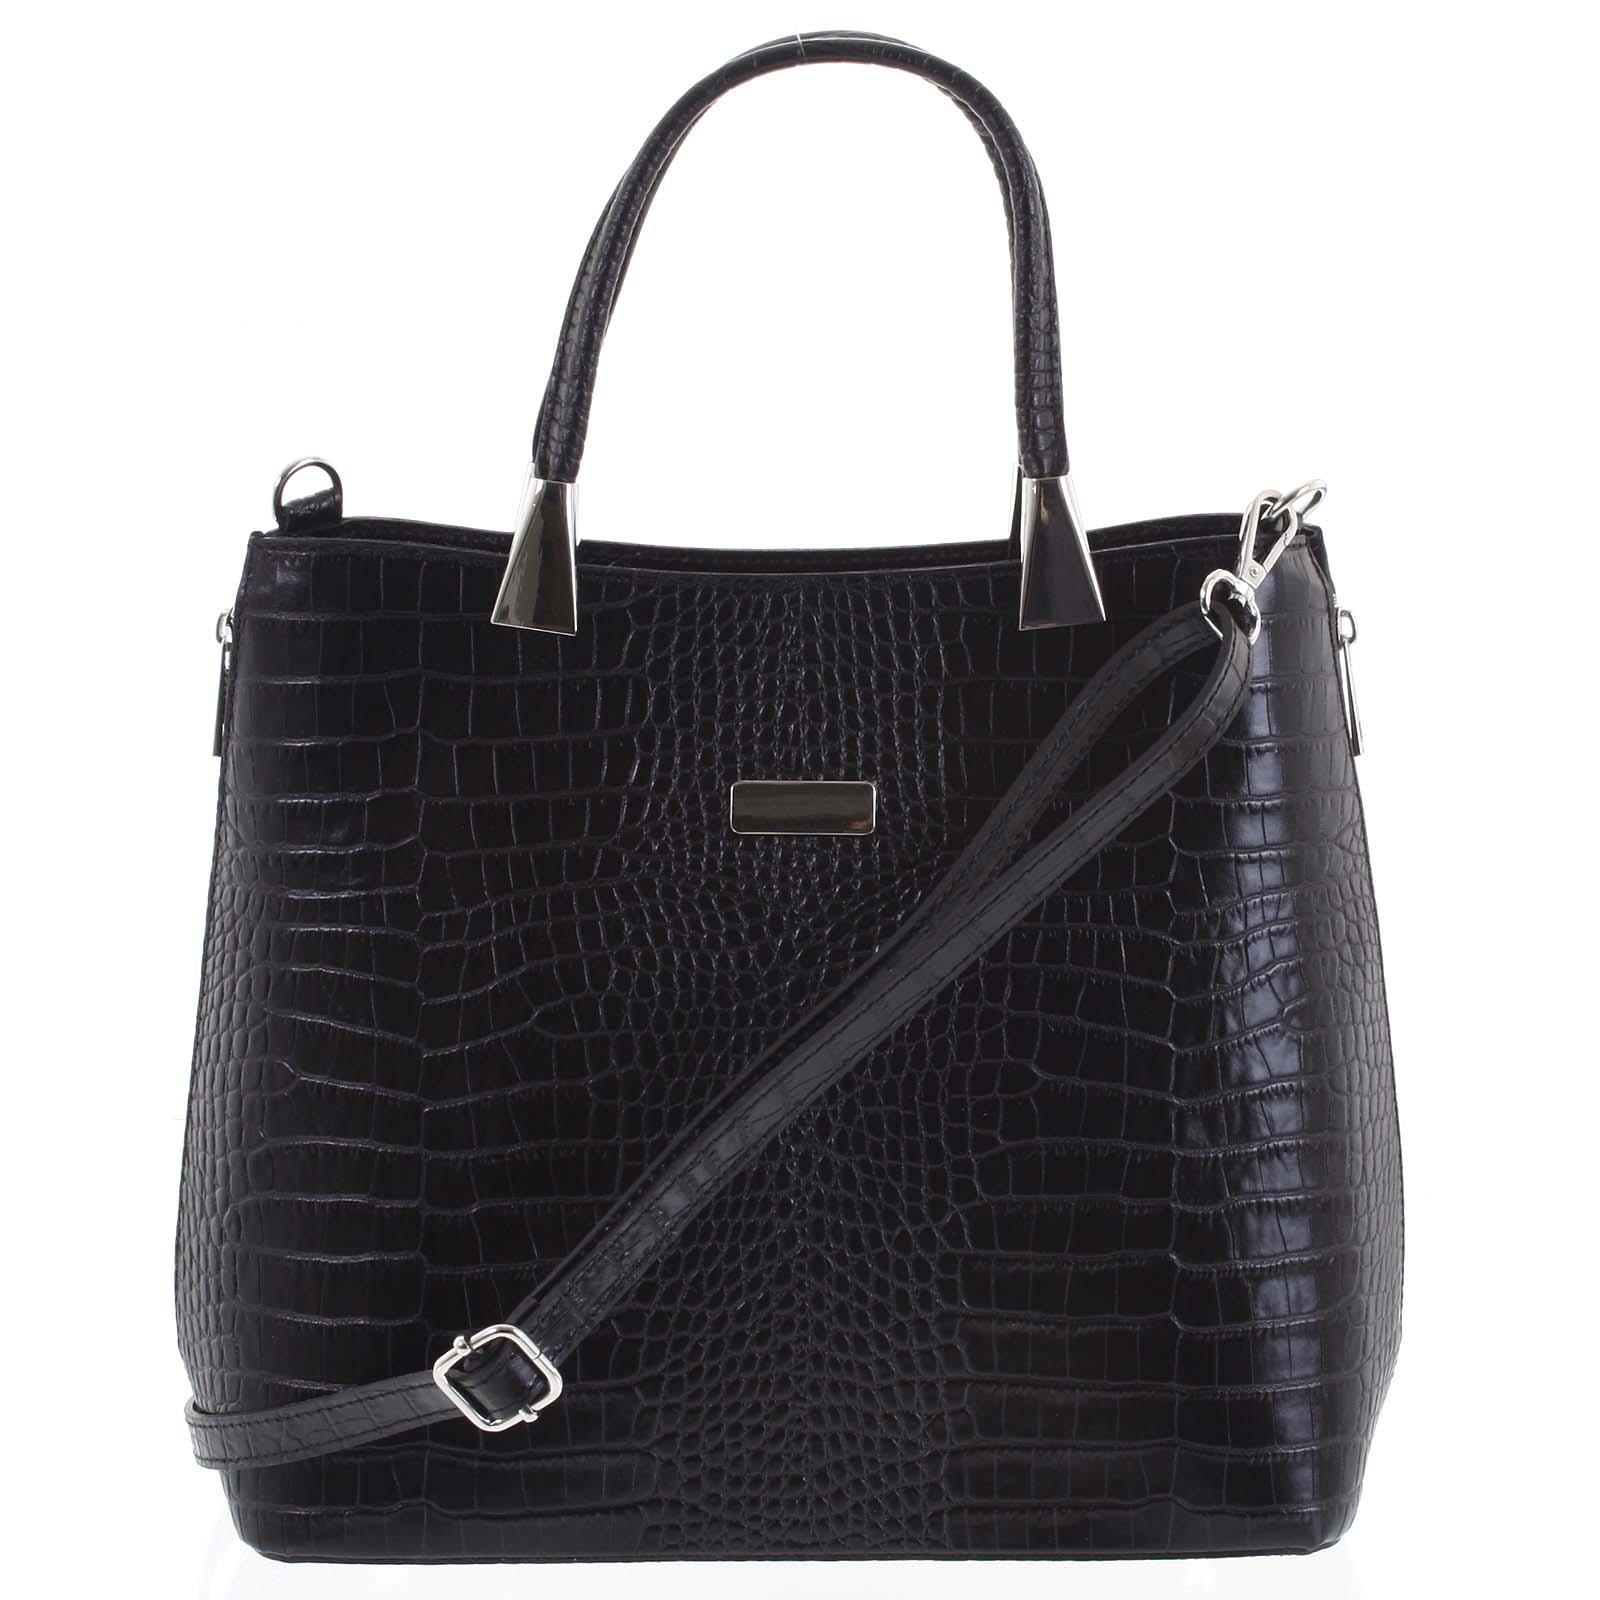 Luxusní dámská kožená kabelka černá - ItalY Marion